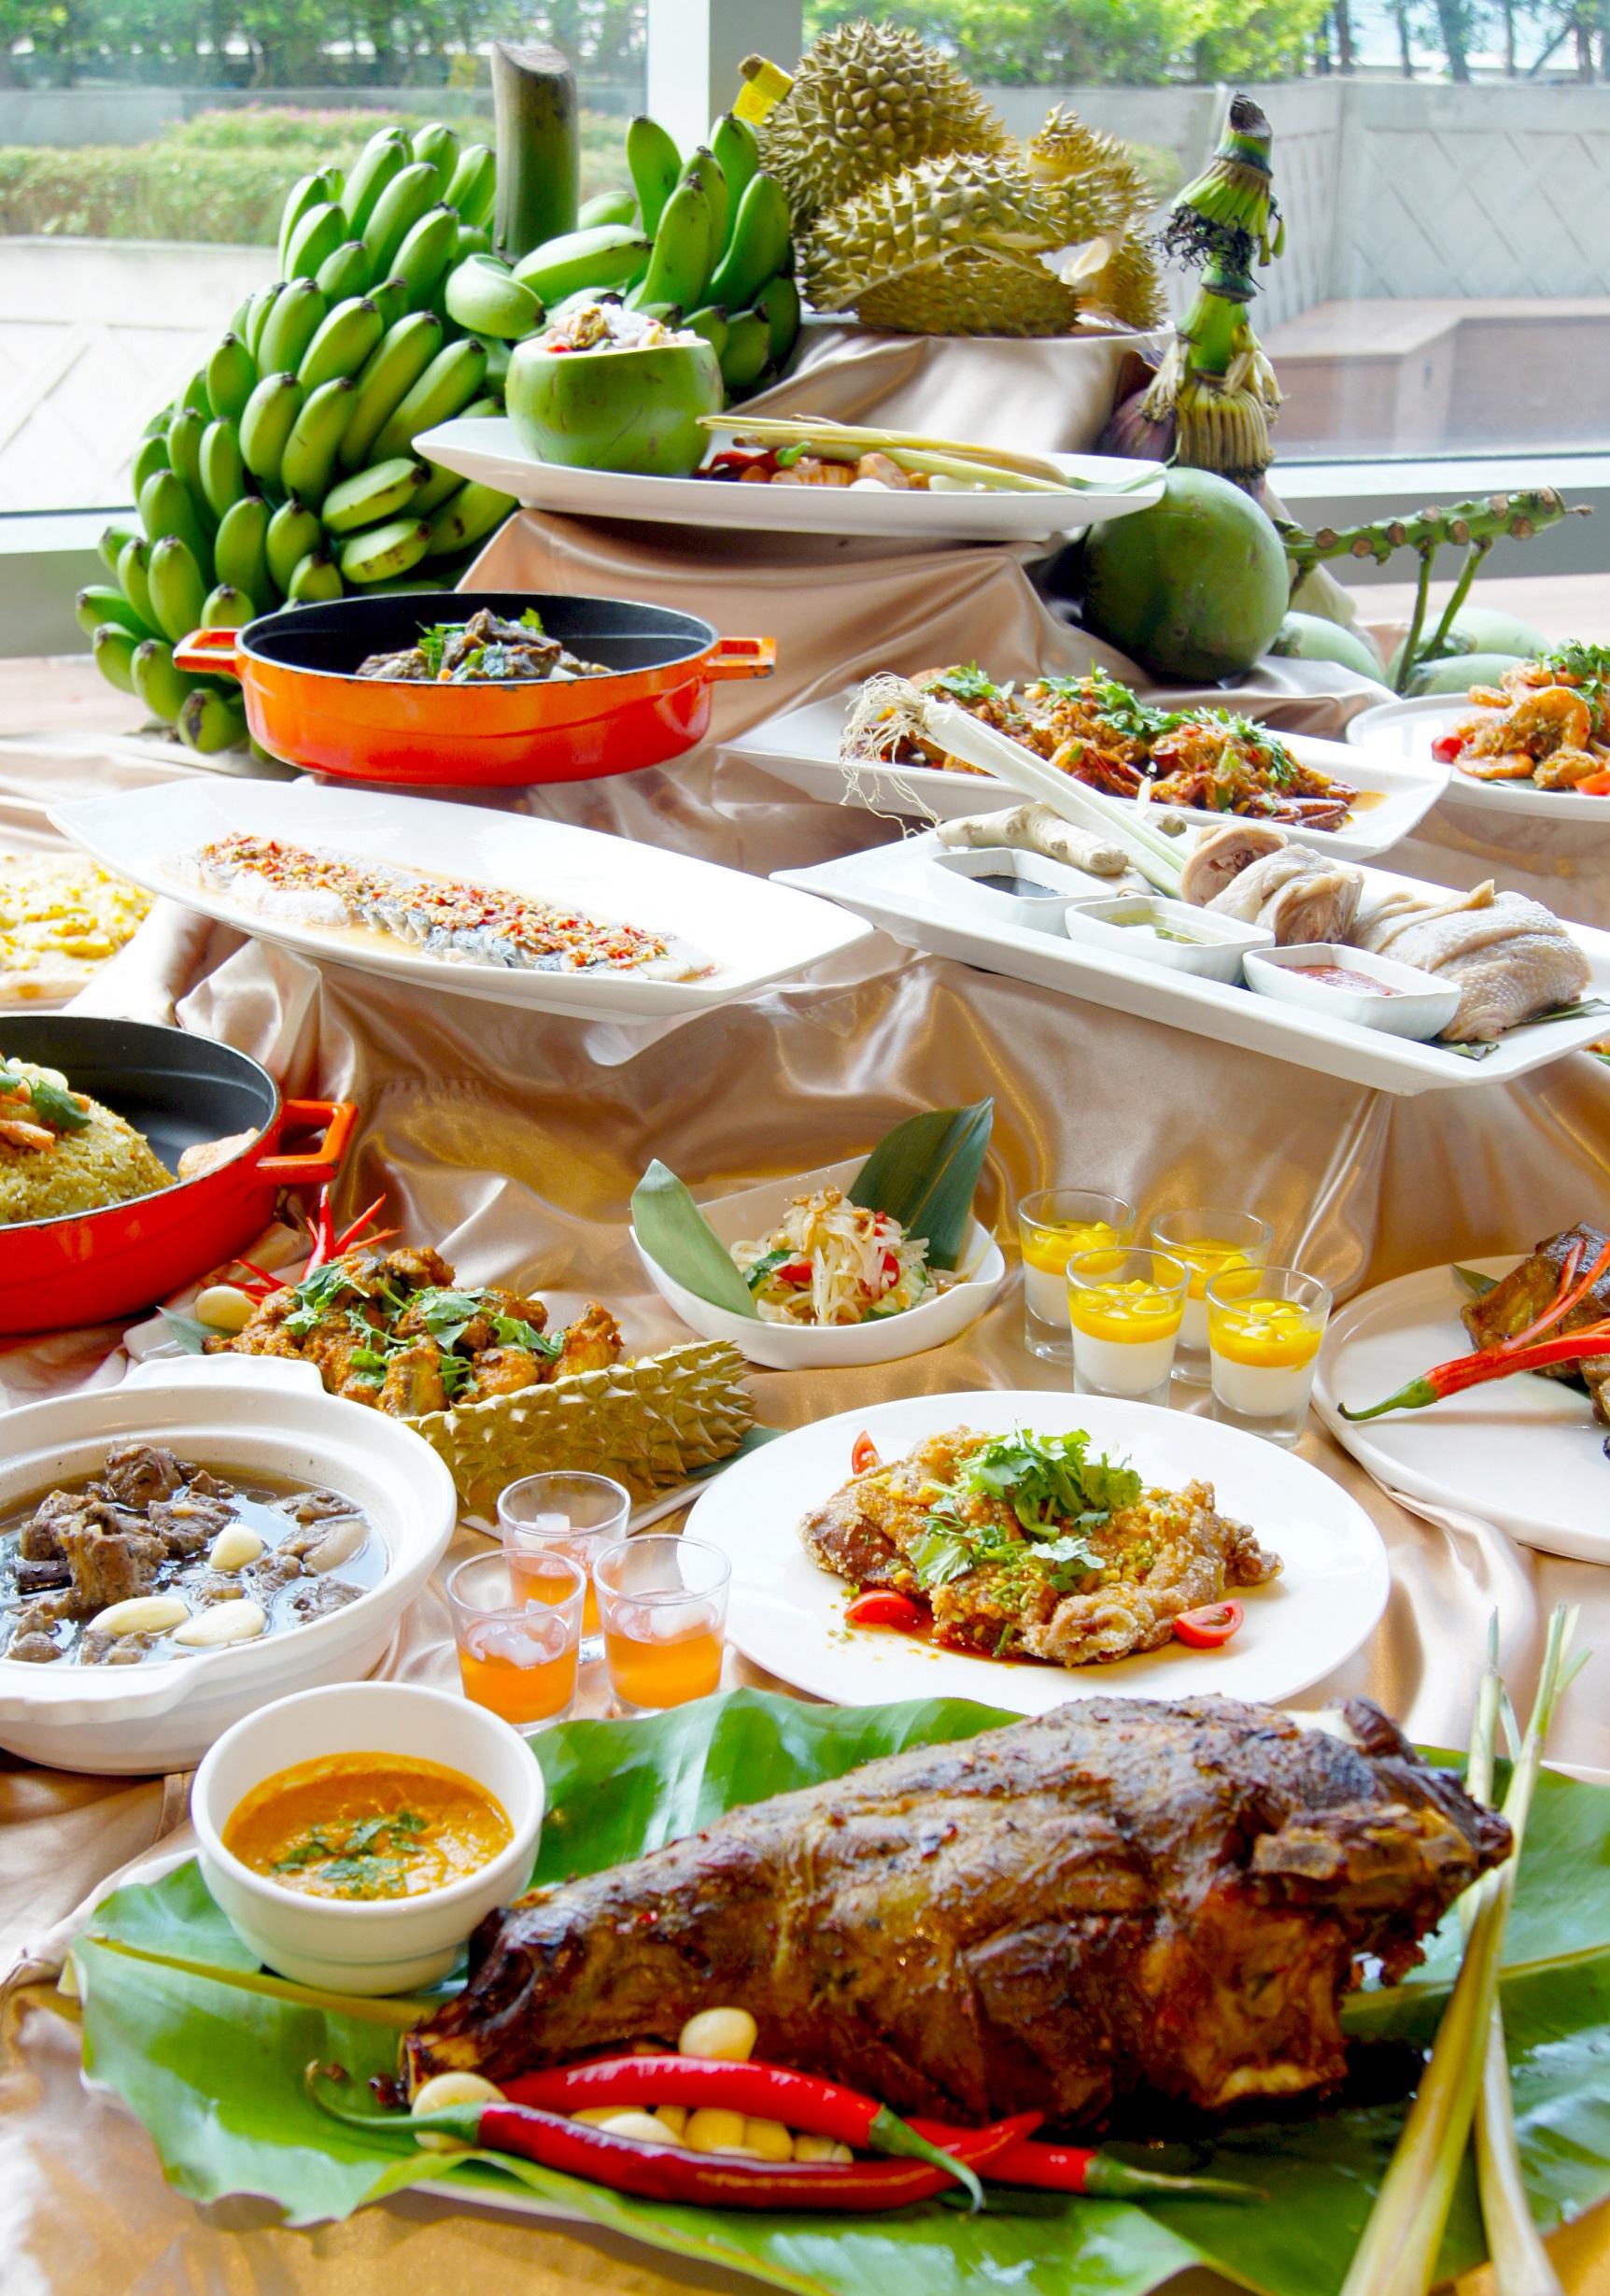 秀廚南洋美食節,一個你不能錯過吃到最道地南洋美食的機會